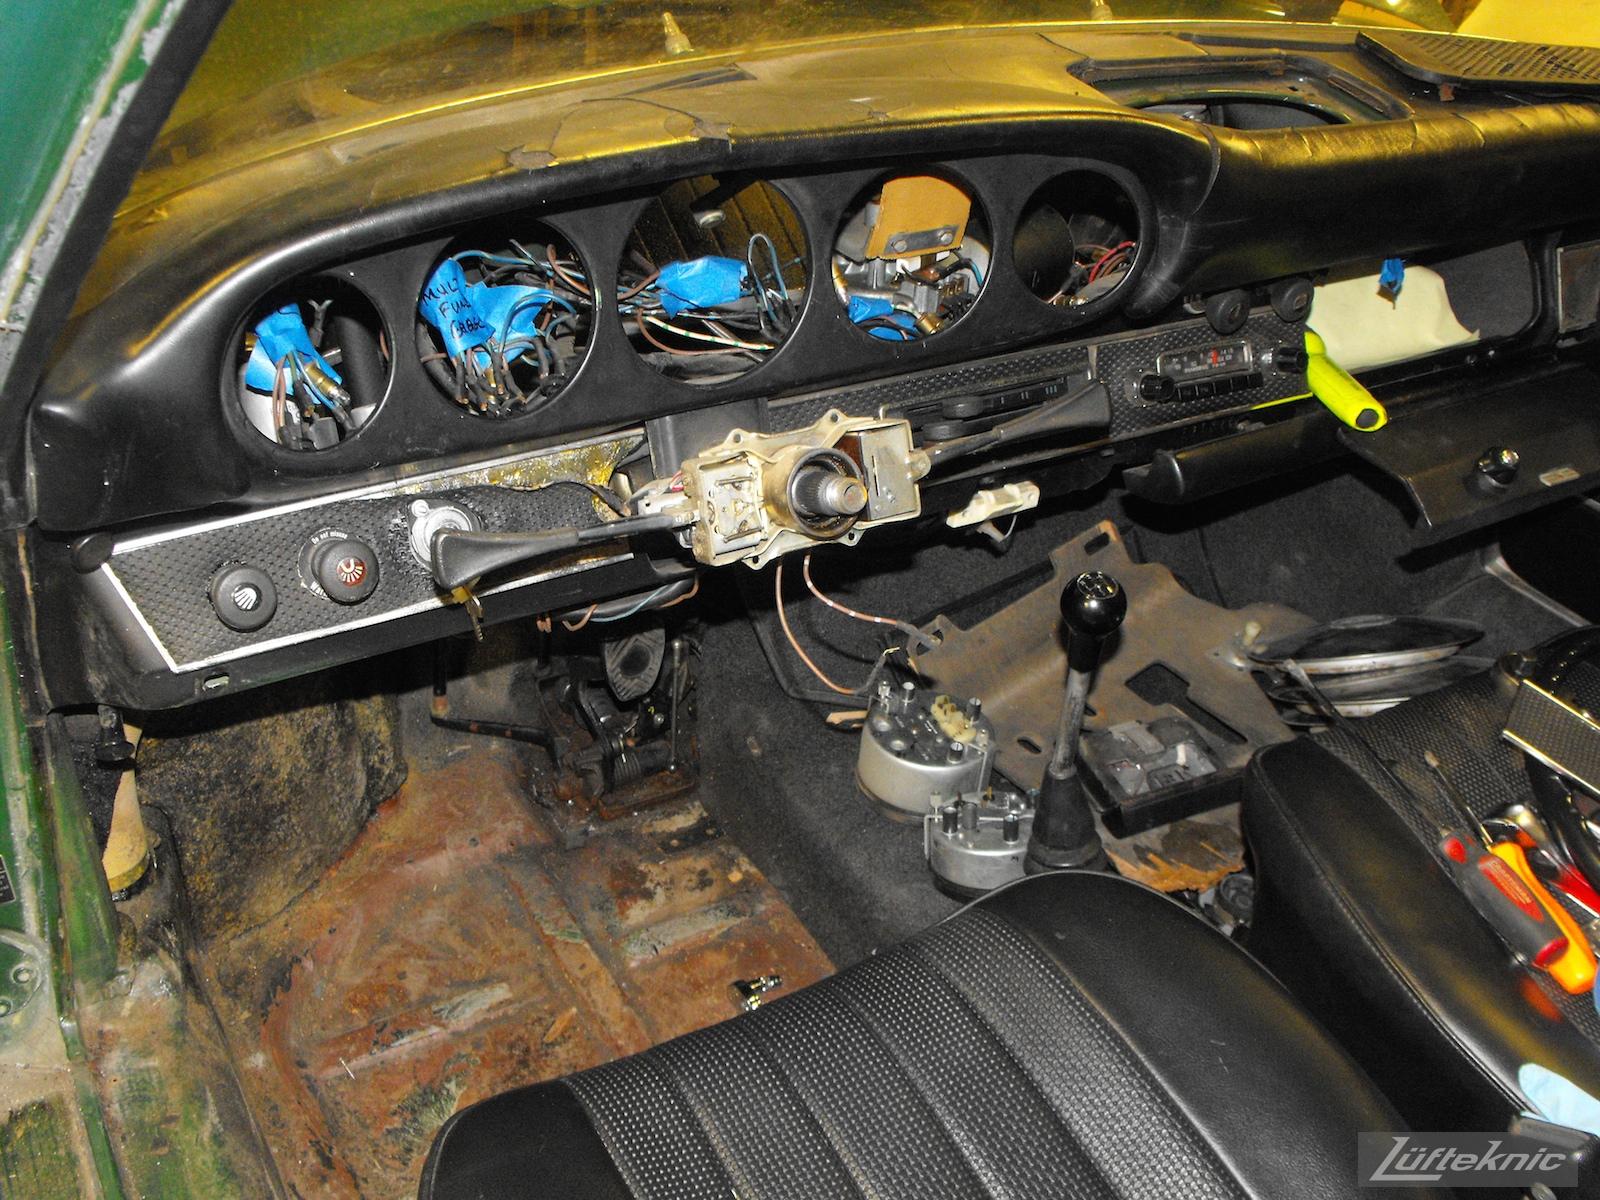 Stripped down dashboard and interior of an Irish Green Porsche 912 undergoing restoration at Lufteknic.